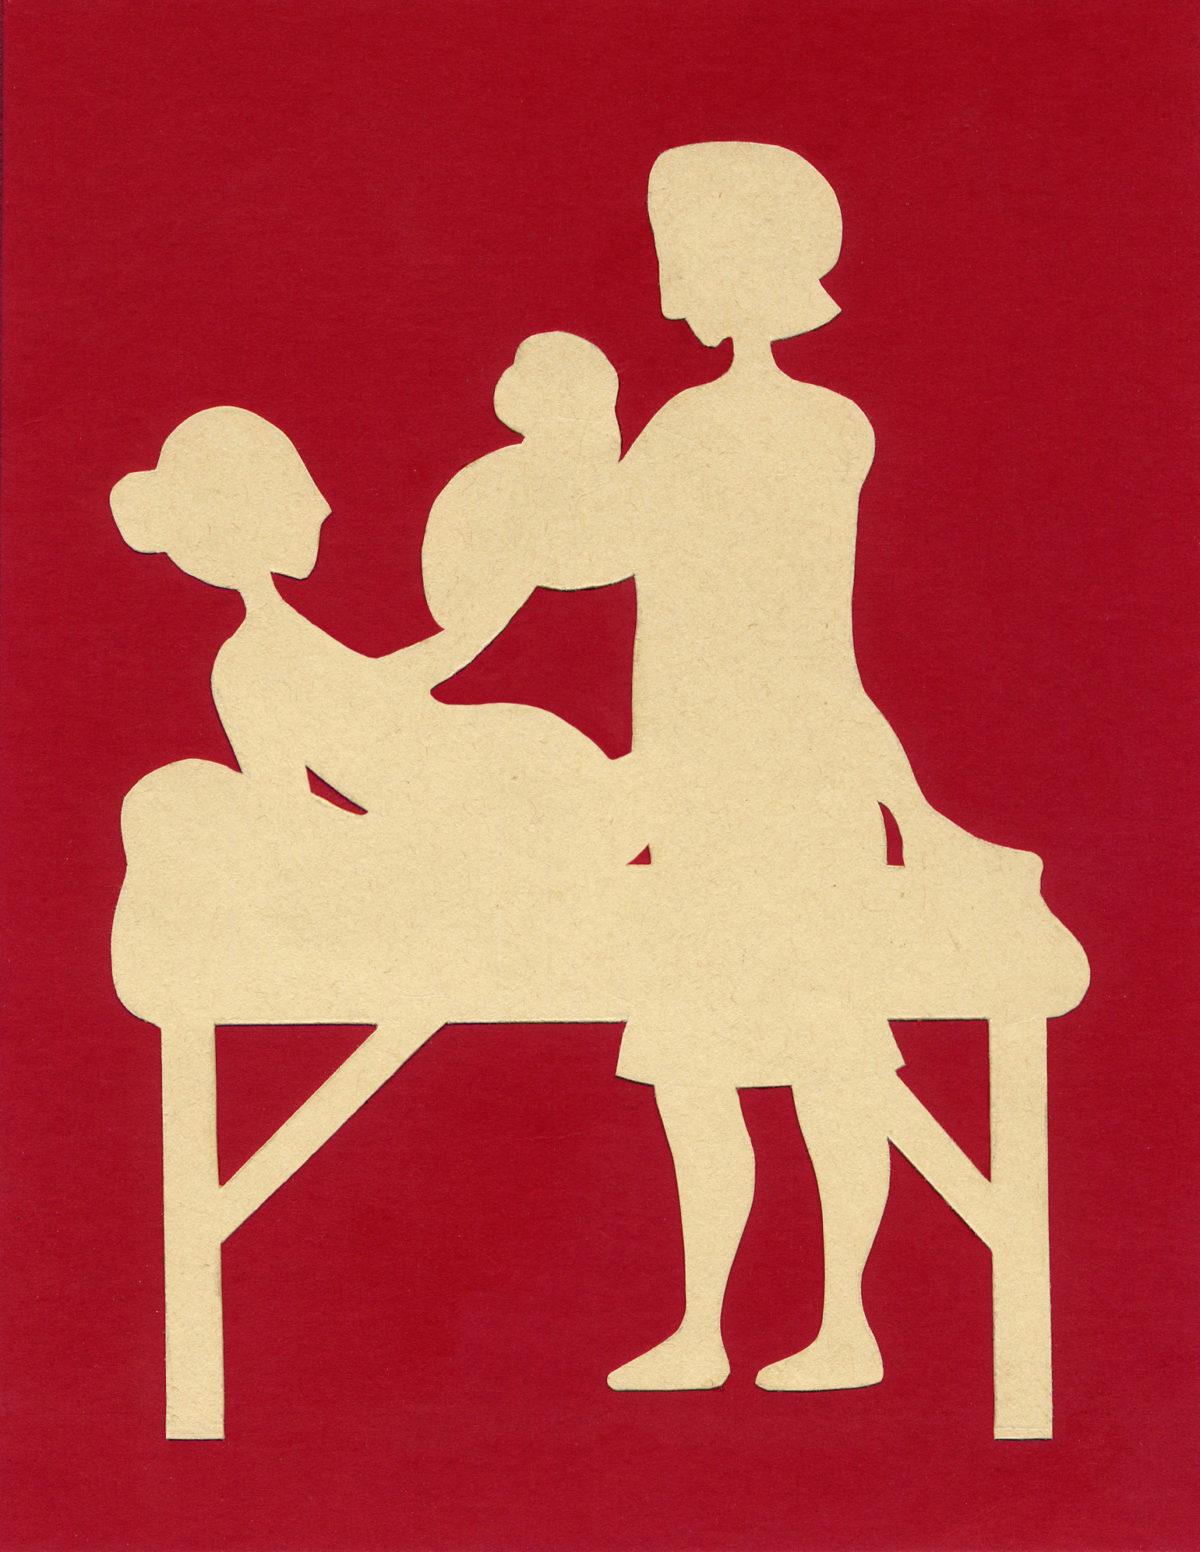 Séjour raccourci en maternité: qu'en pensent les femmes?